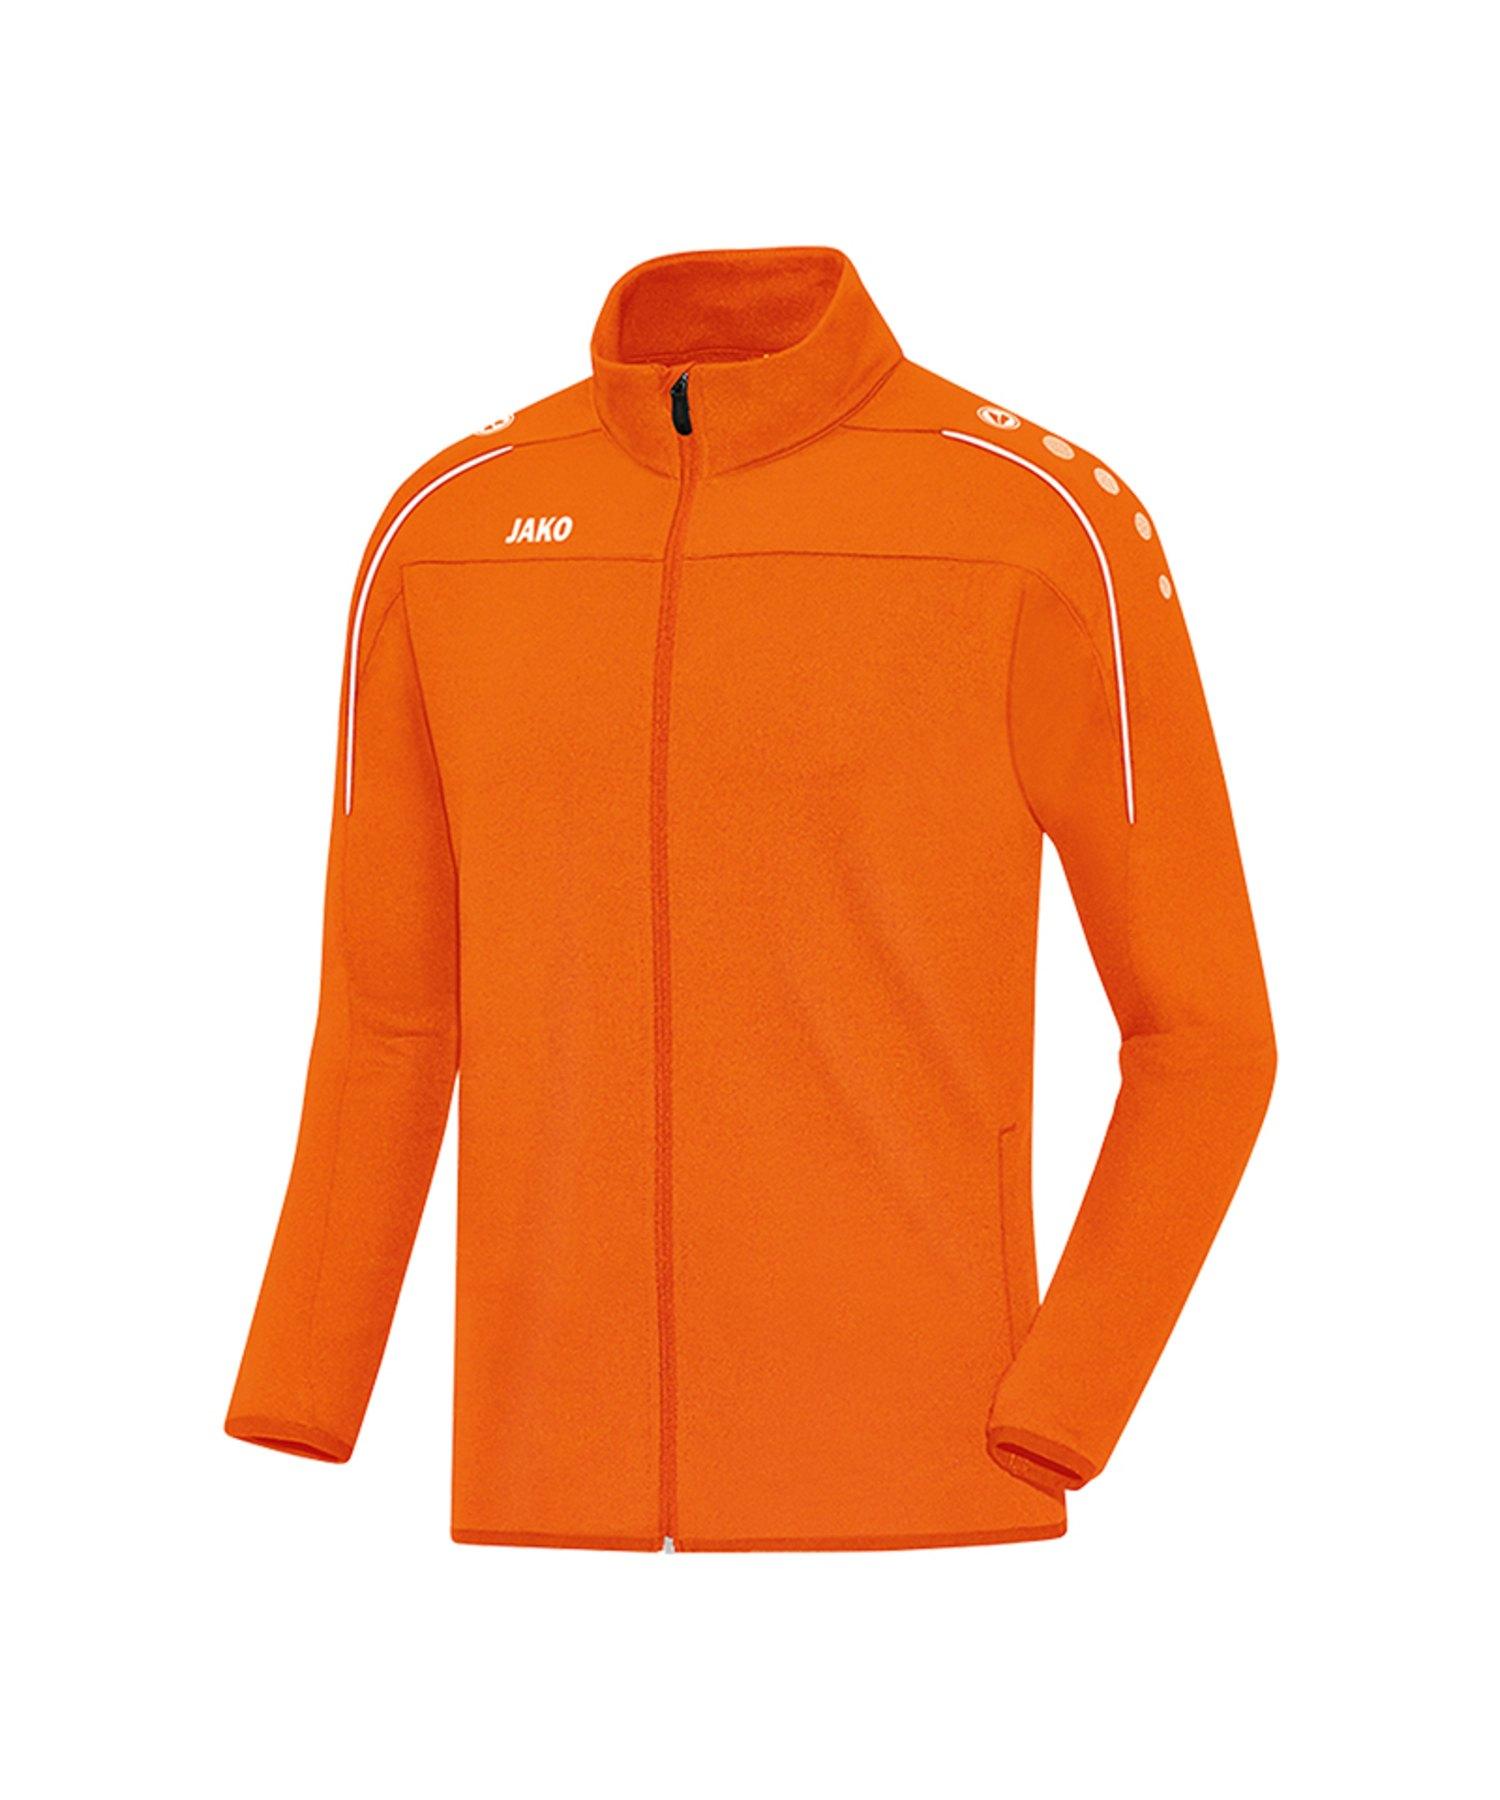 Jako Classico Trainingsjacke Orange F19 - Orange